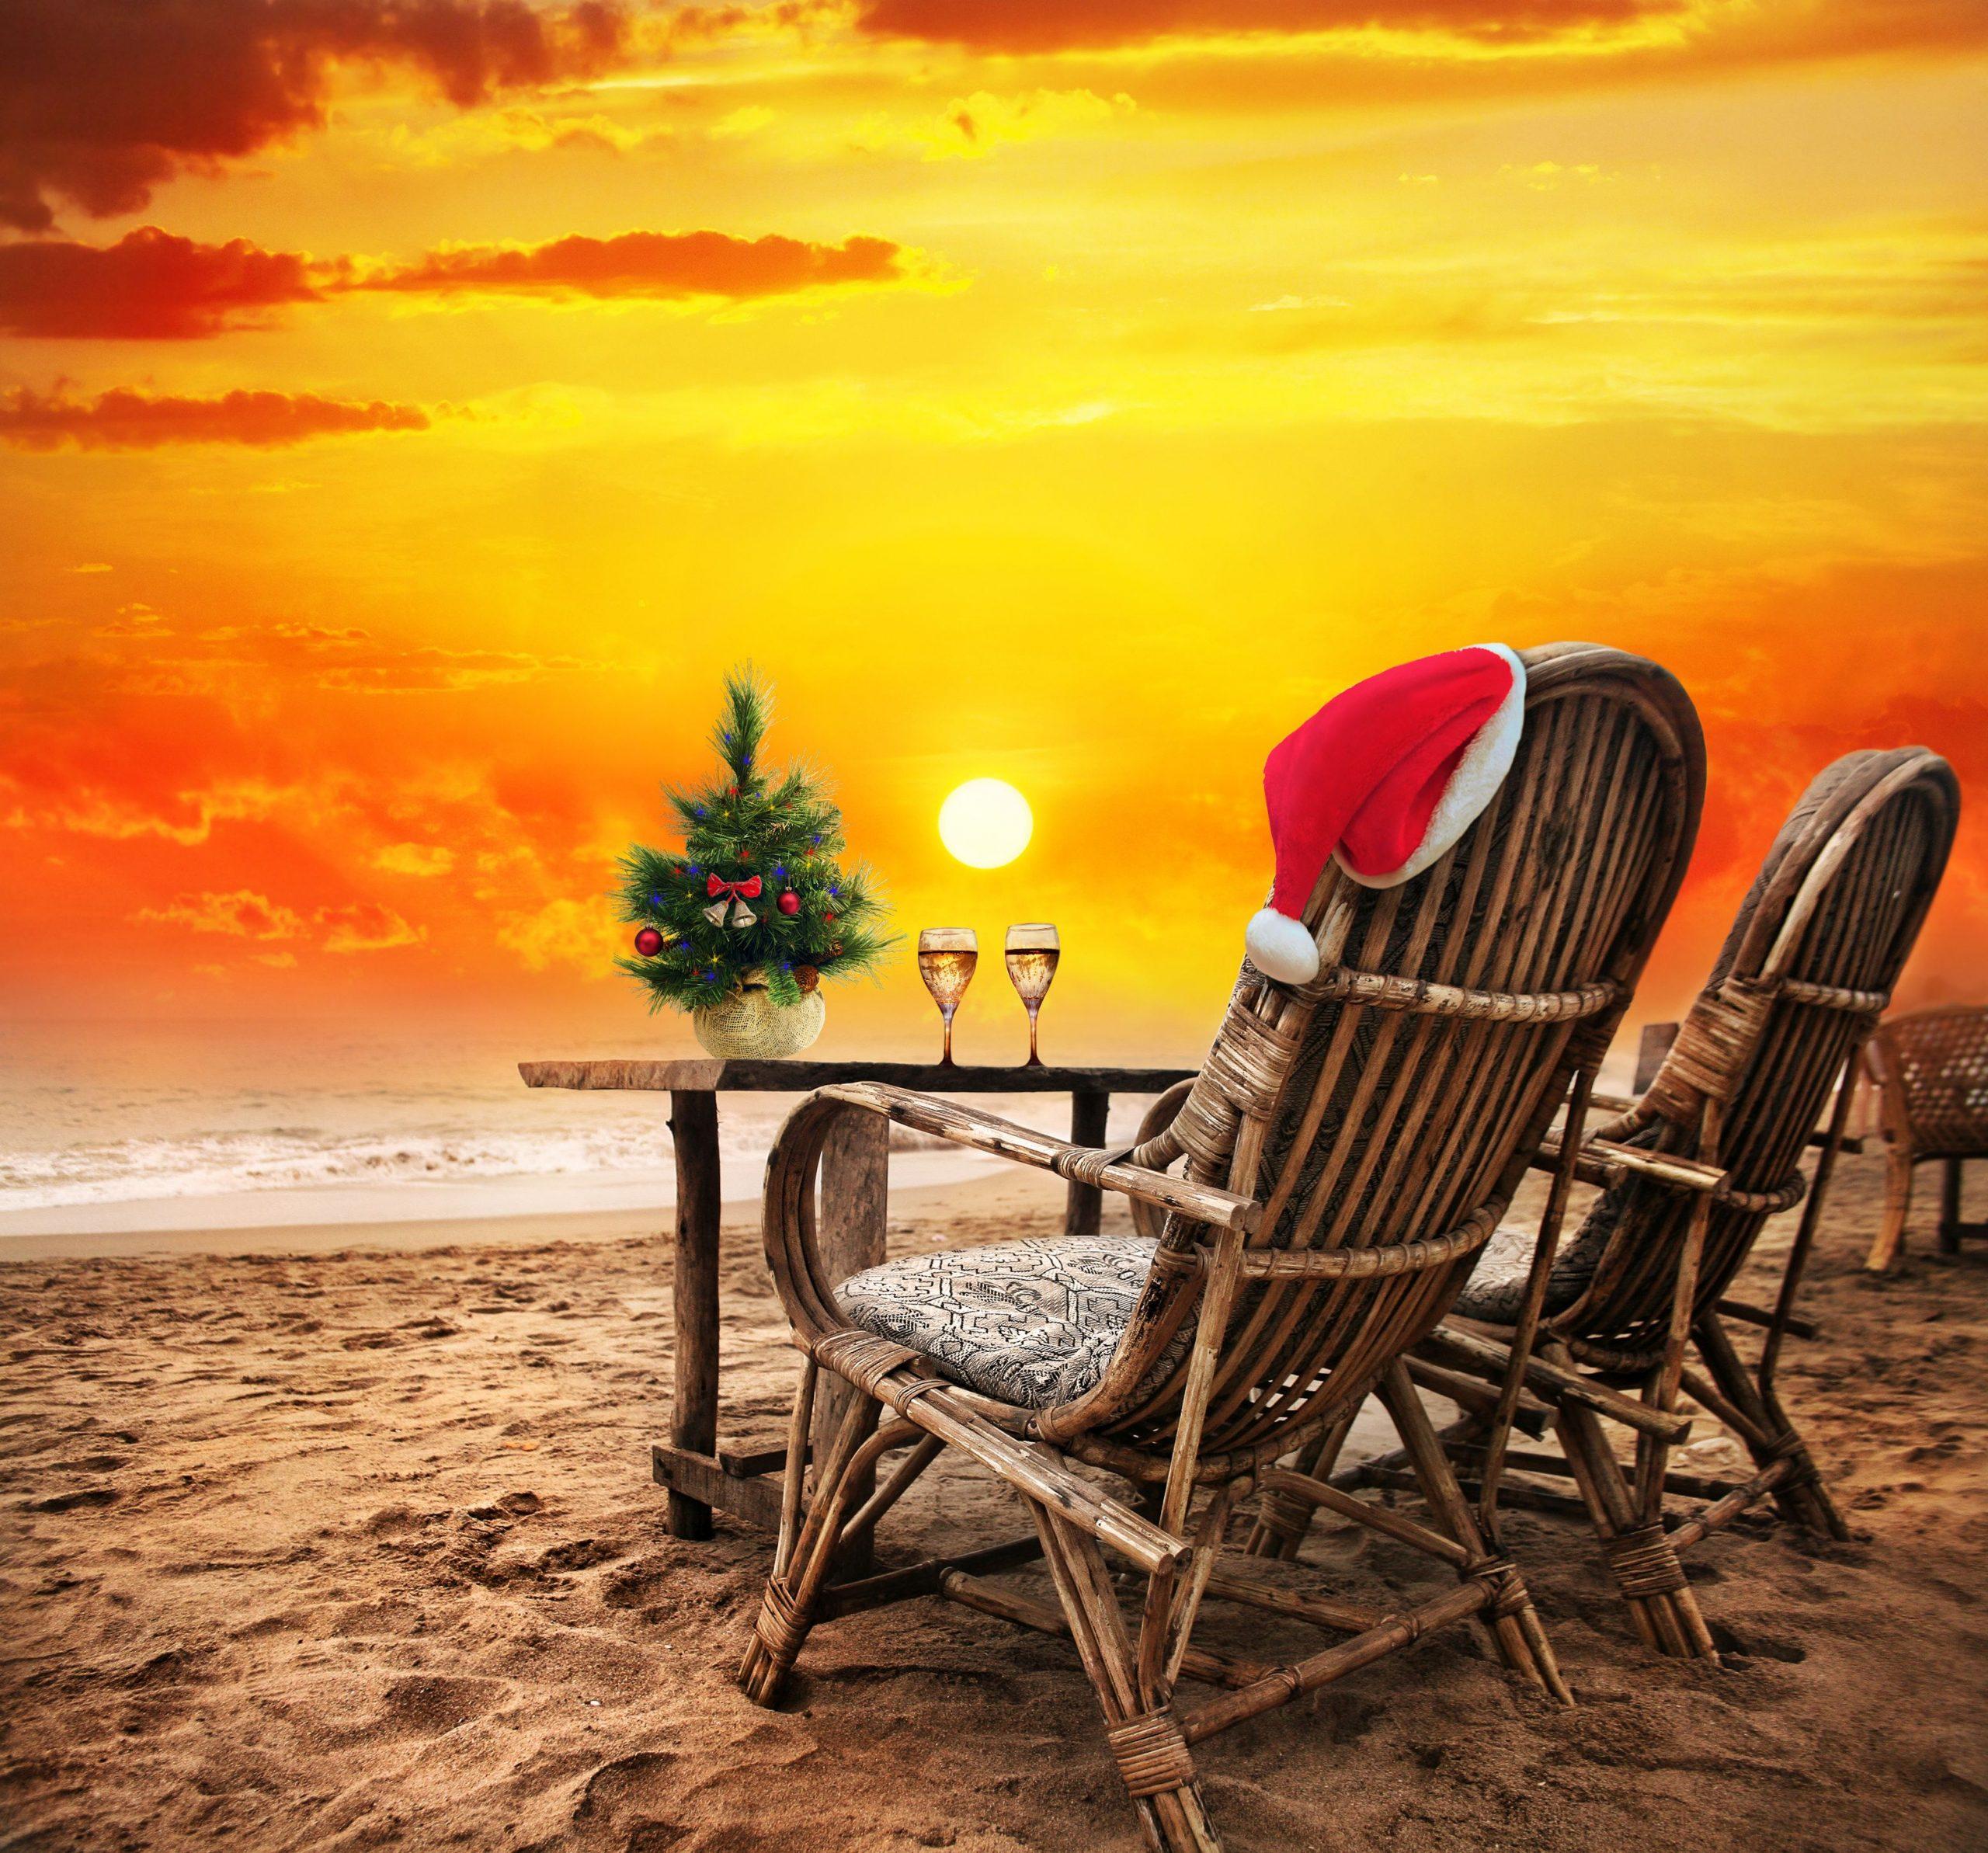 Hotel KARAFUU BEACH RESORT & SPA 5*, 1/2+1 Bondeni/Masai, POL - Novoletni Zanzibar 10 dni